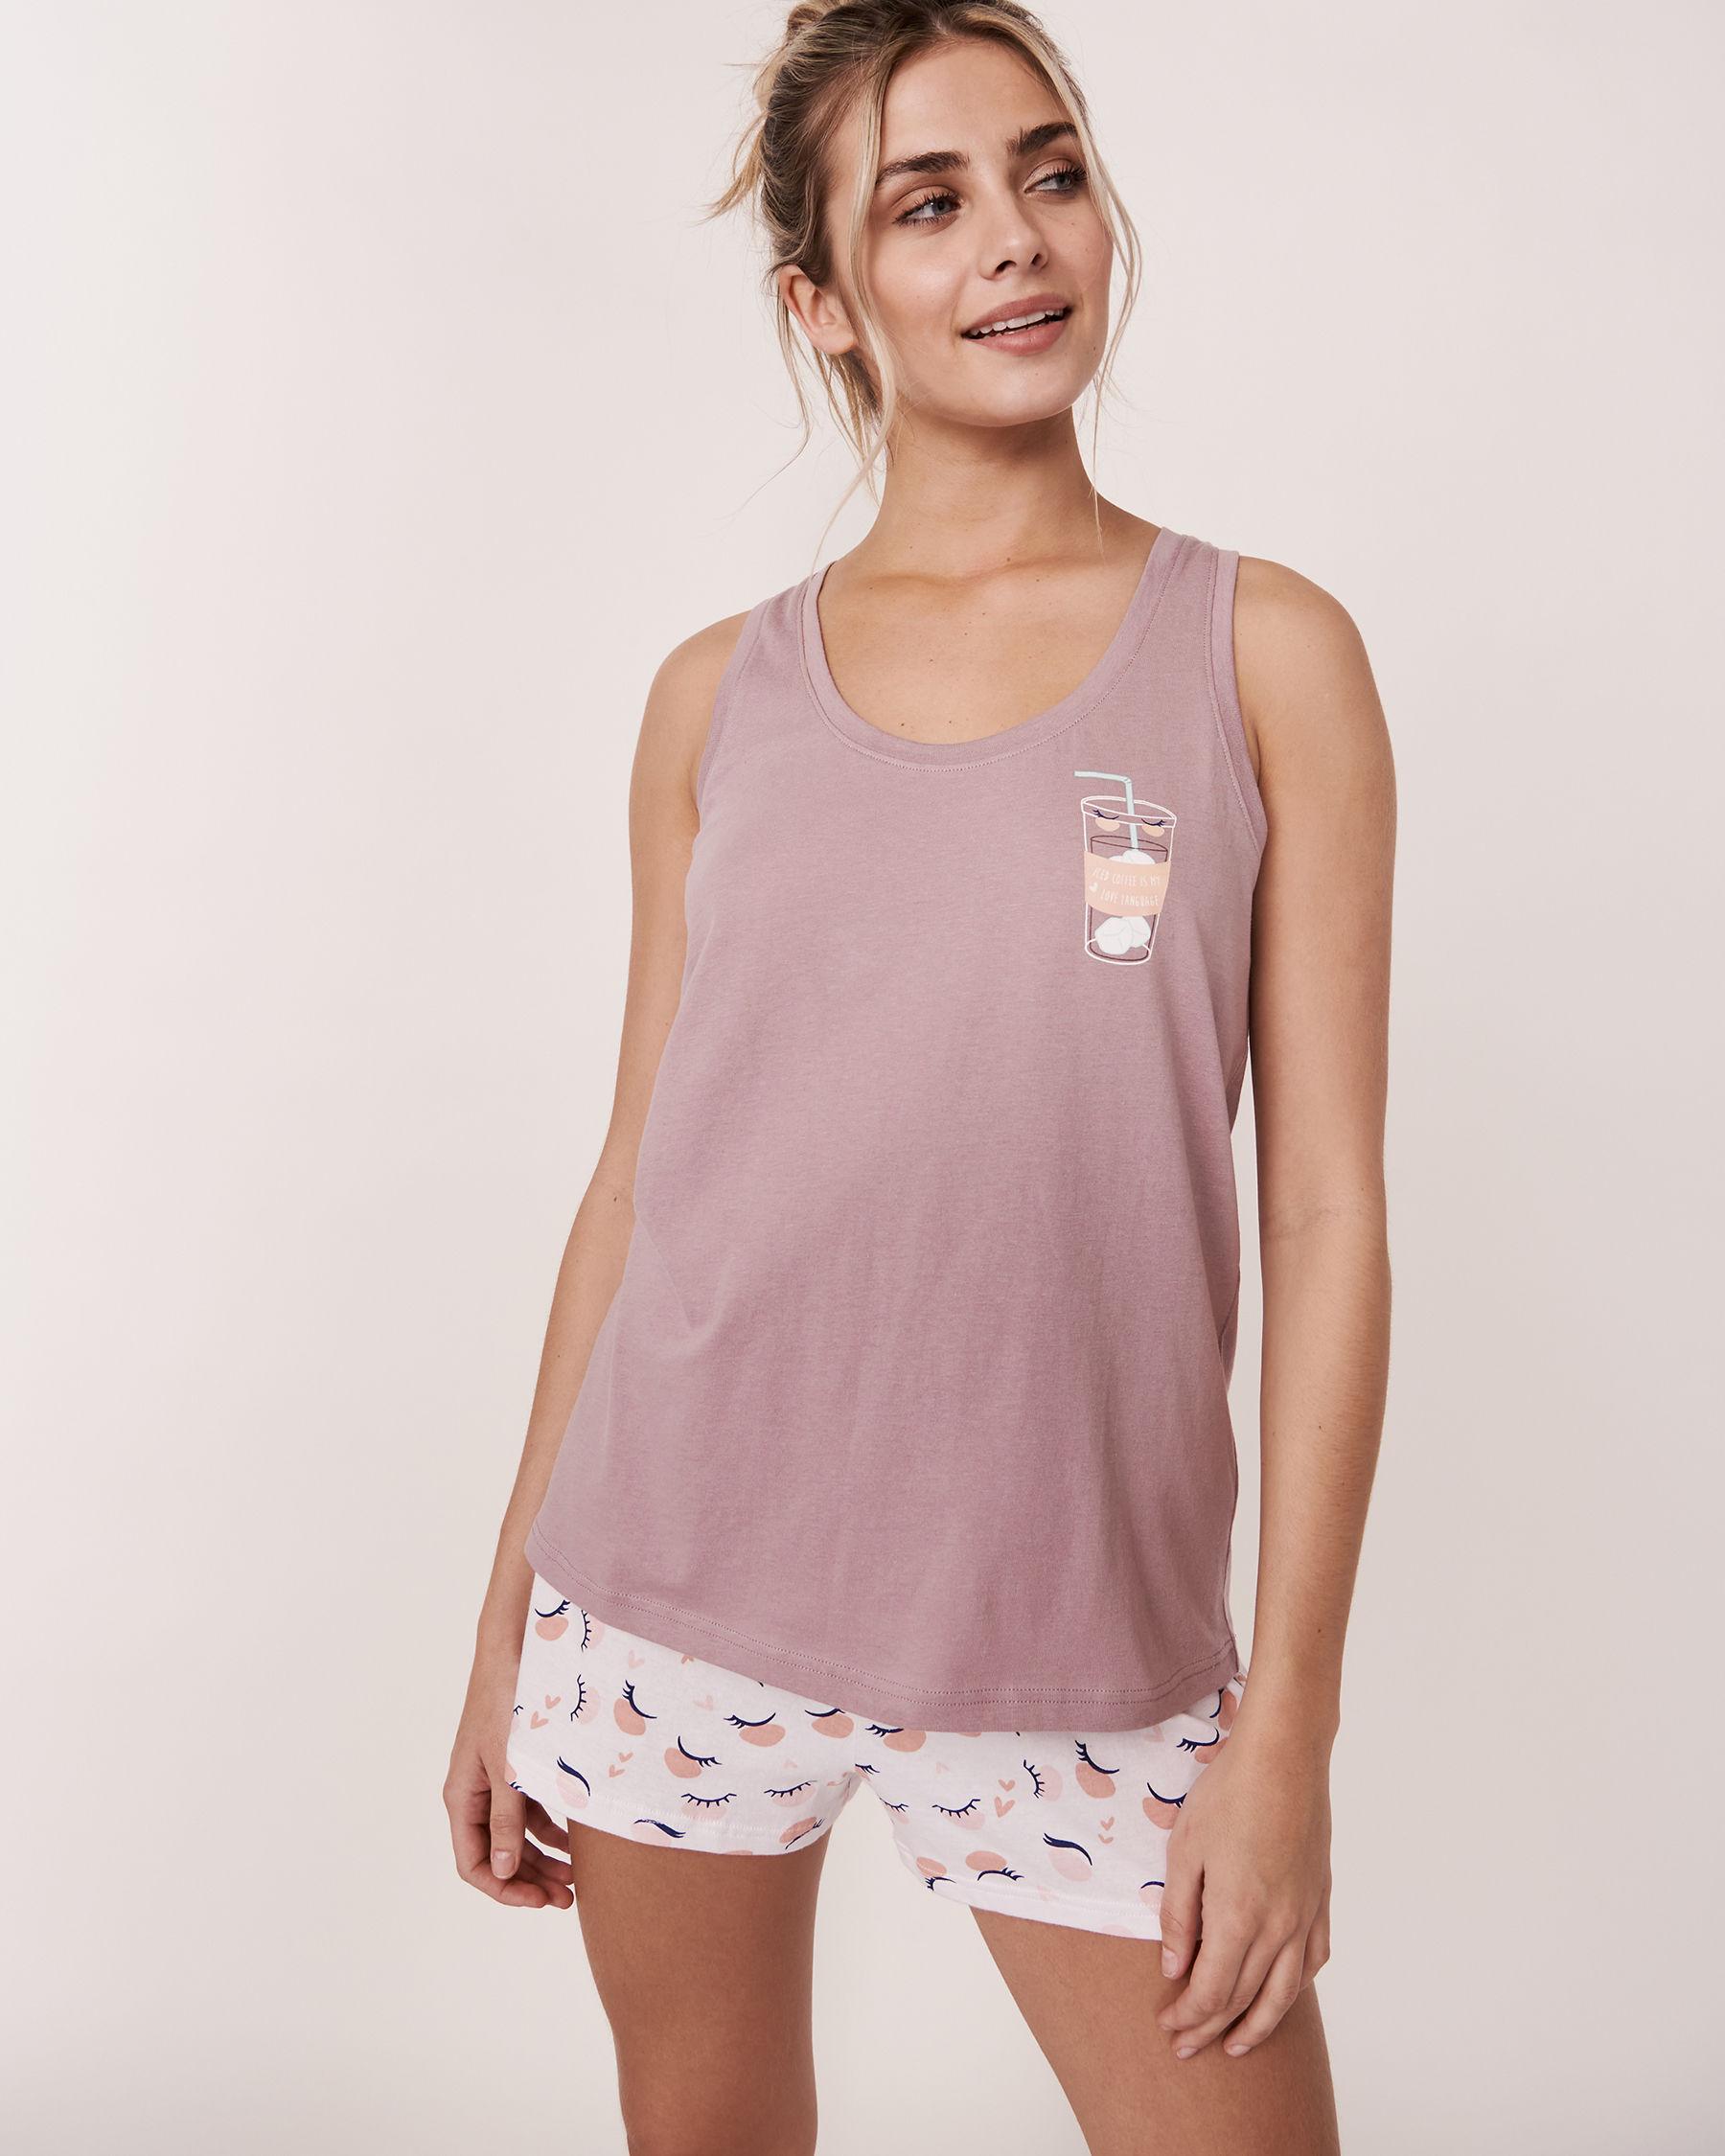 LA VIE EN ROSE Scoop Neckline Cami Purple 40100045 - View1